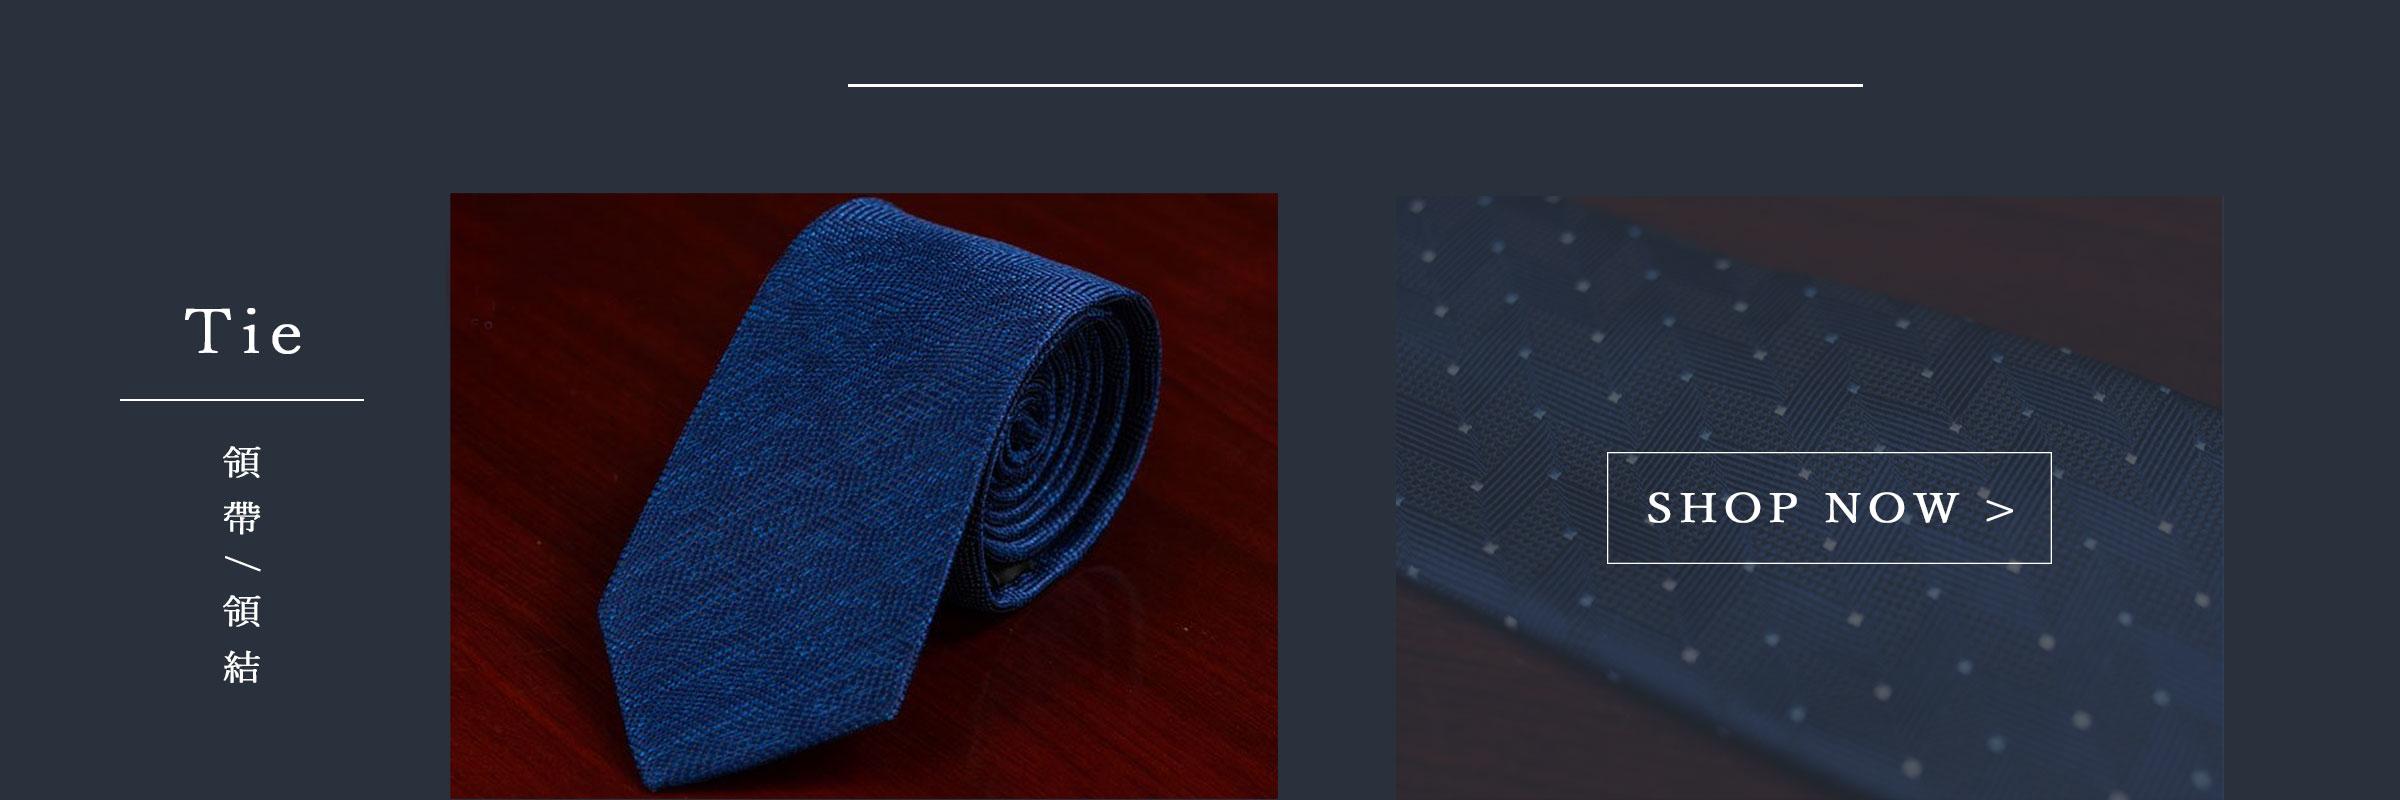 財經界的標配,商務襯衫的最佳夥伴-領帶